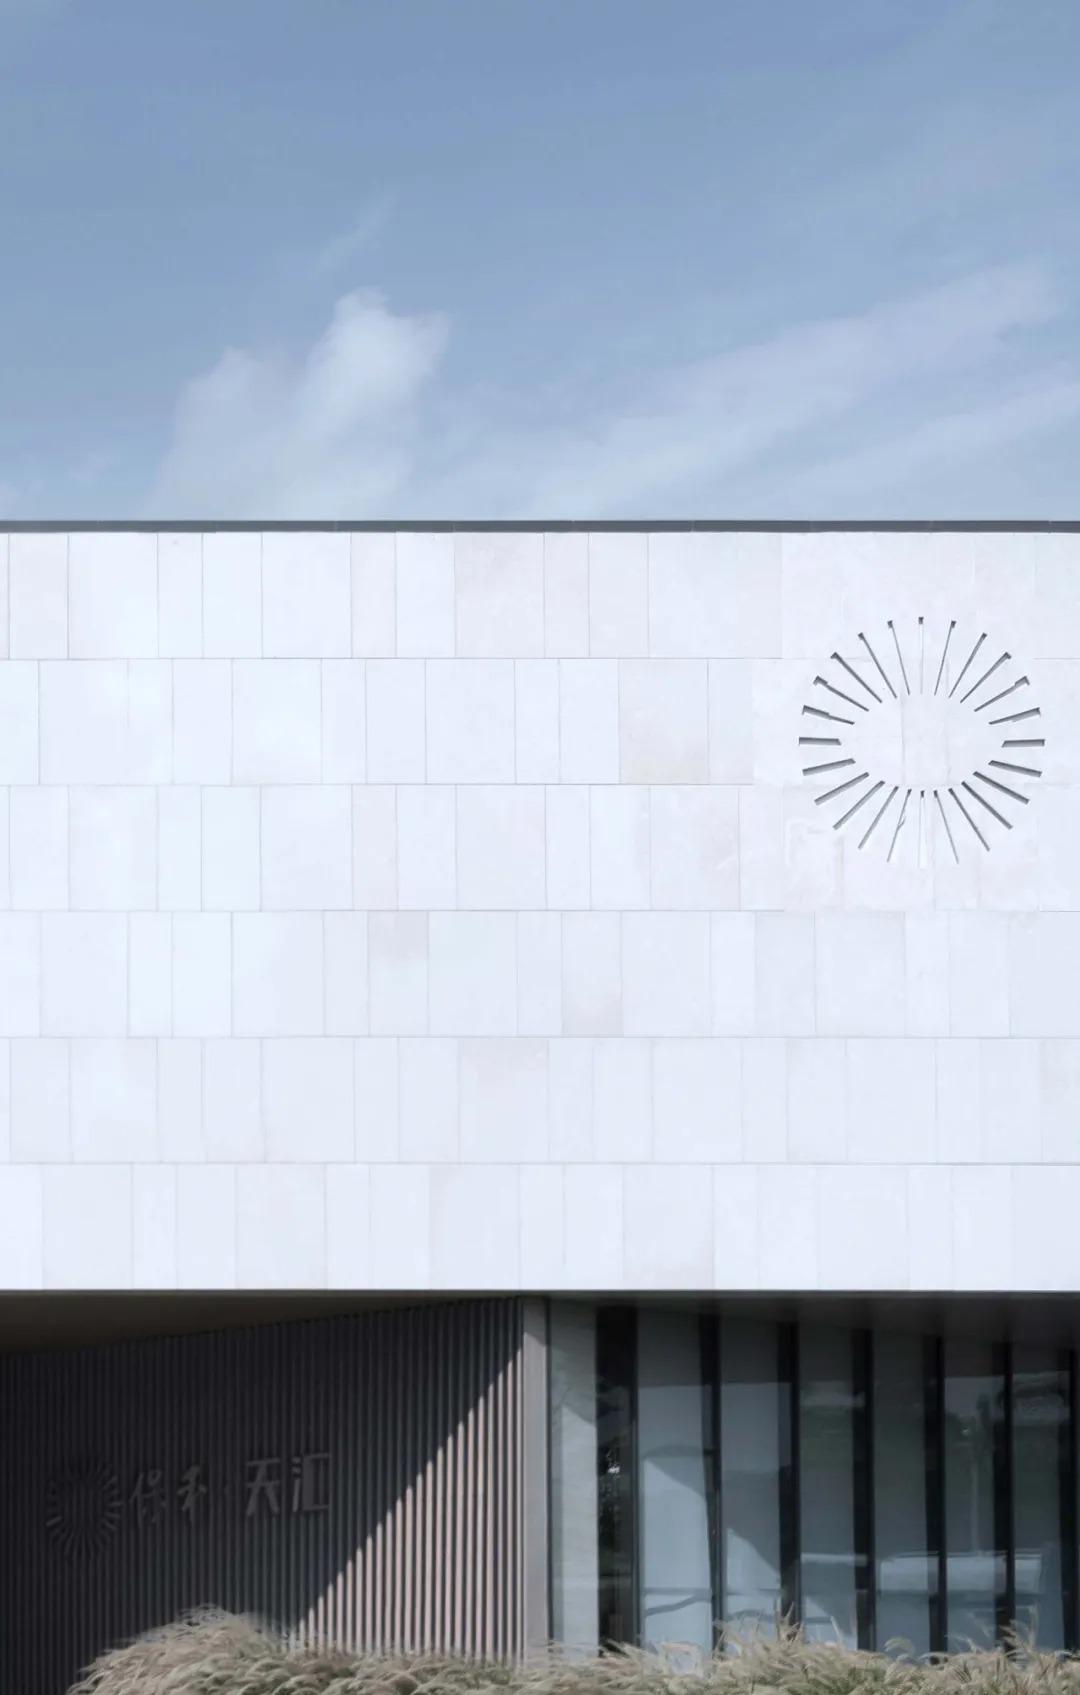 惠州保利·天汇 建筑设计 / 霍普股份